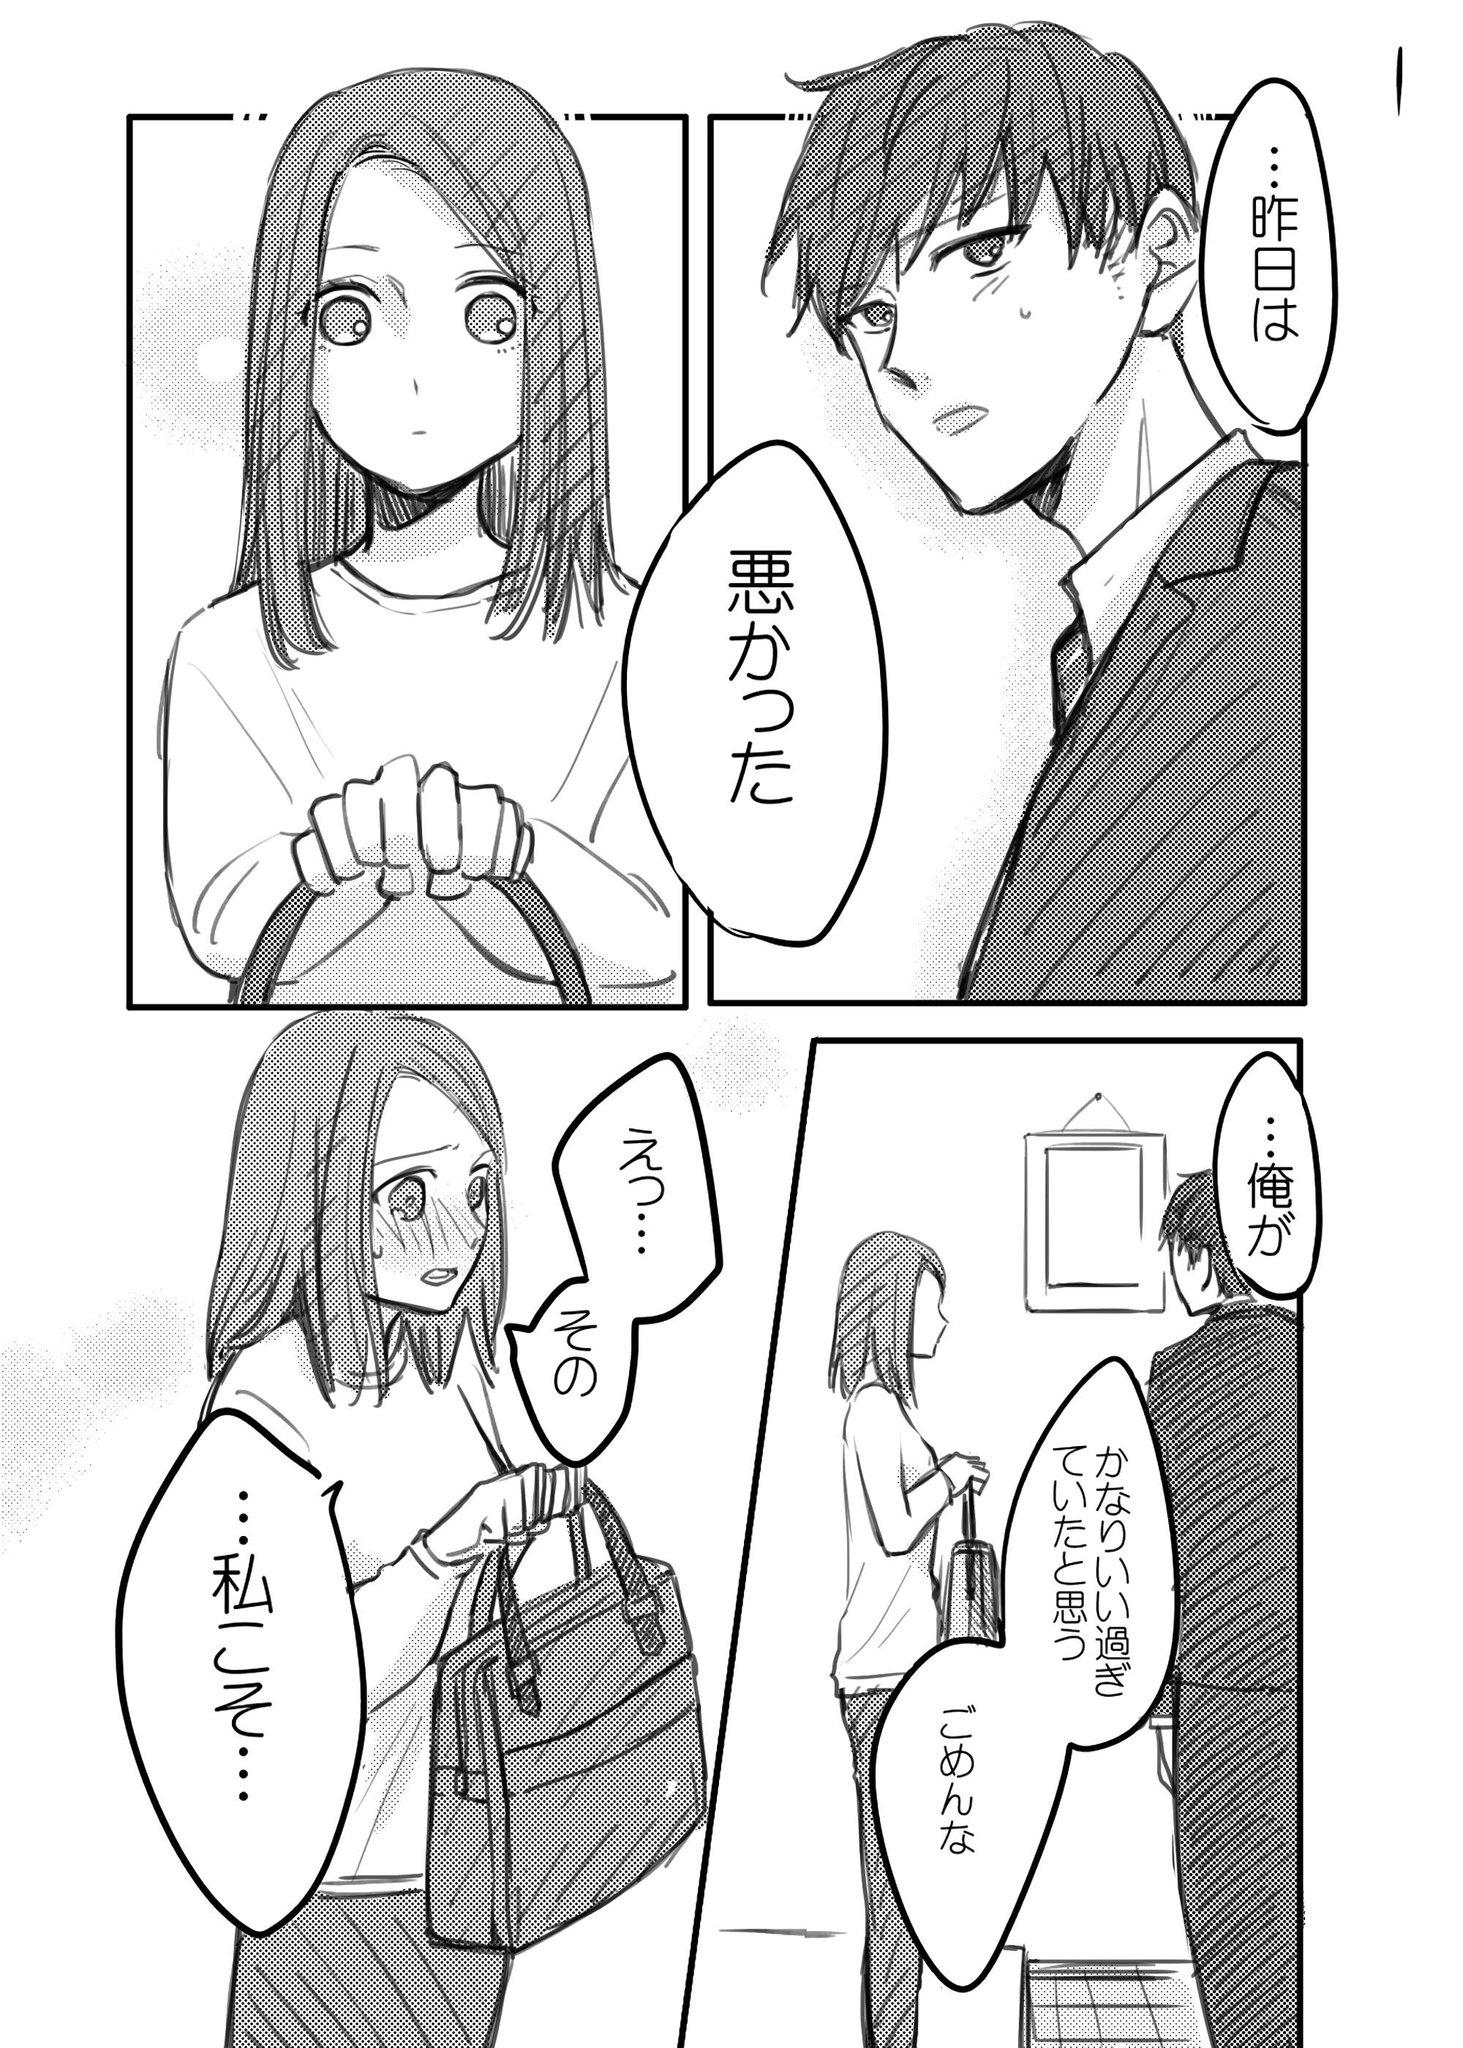 【創作】大人気ない話 夫婦喧嘩の後の話